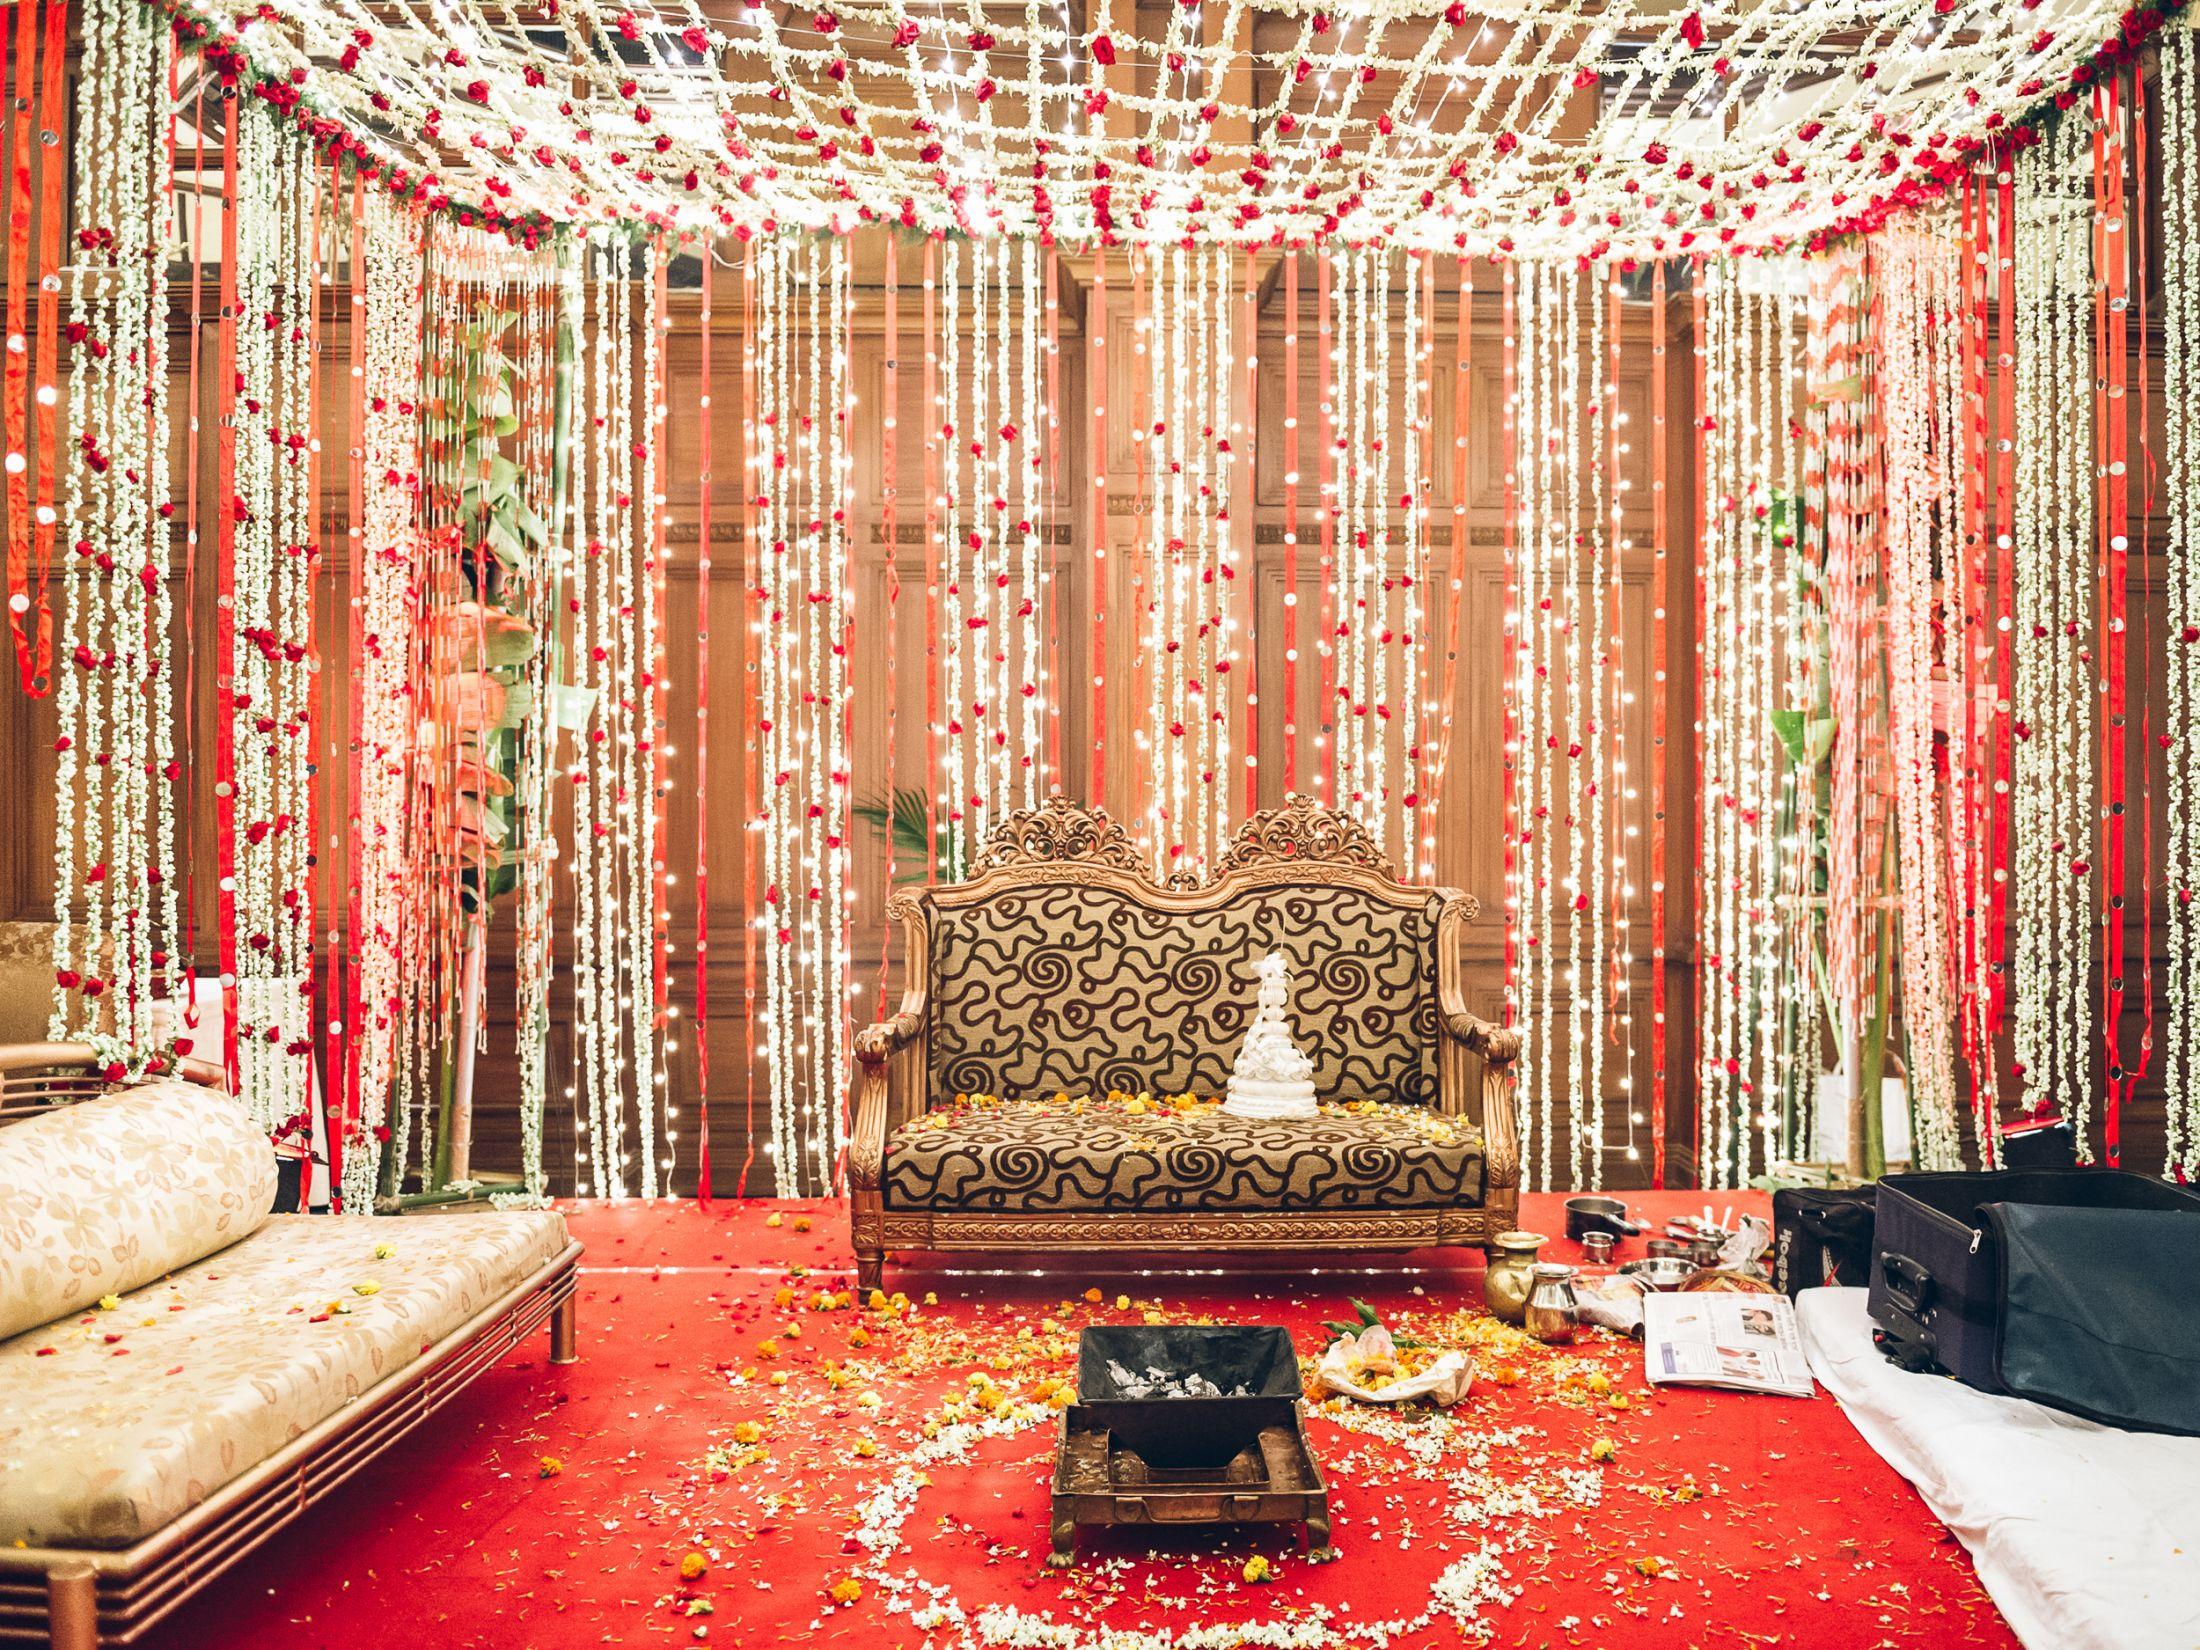 חתונות המעמד הגבוה בהודו, מגלות עולמות פנטזיה דמויי בוליווד